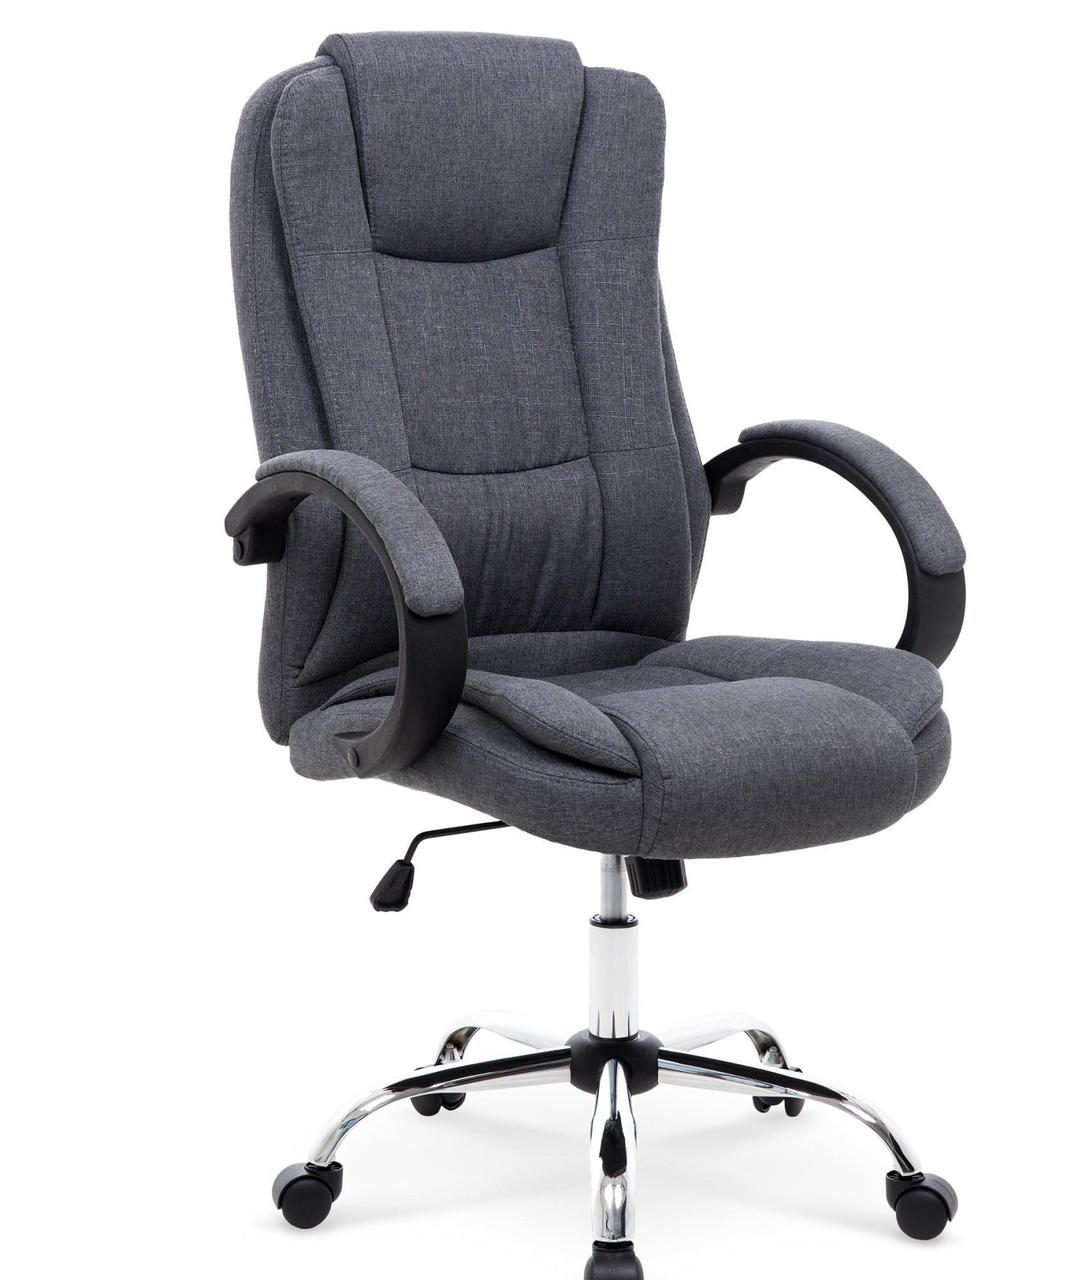 Компьютерное кресло RELAX 2 темно-серый Halmar